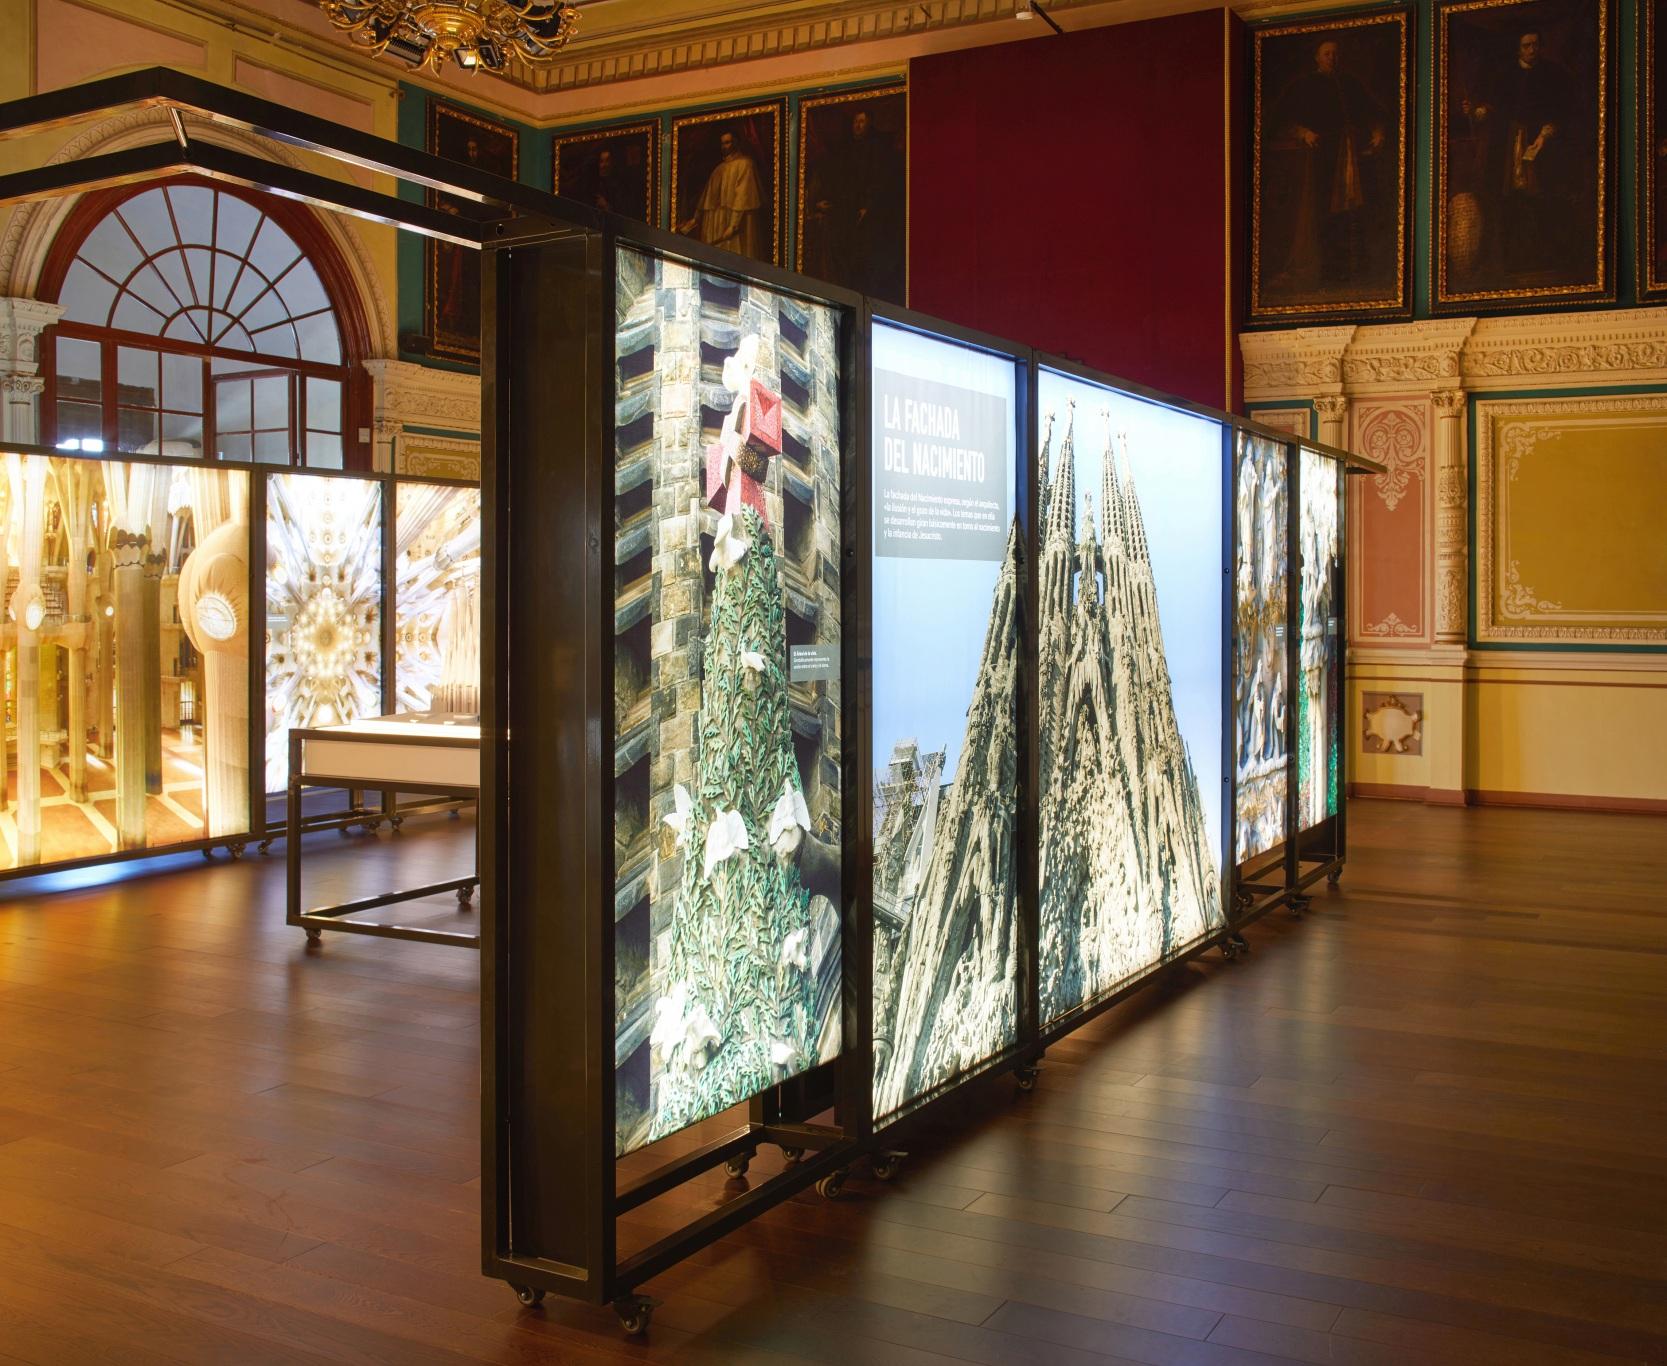 Exposición Gaudí Sagrada Familia. Imágenes del edificio en cajas iluminadas. En sala antigua.